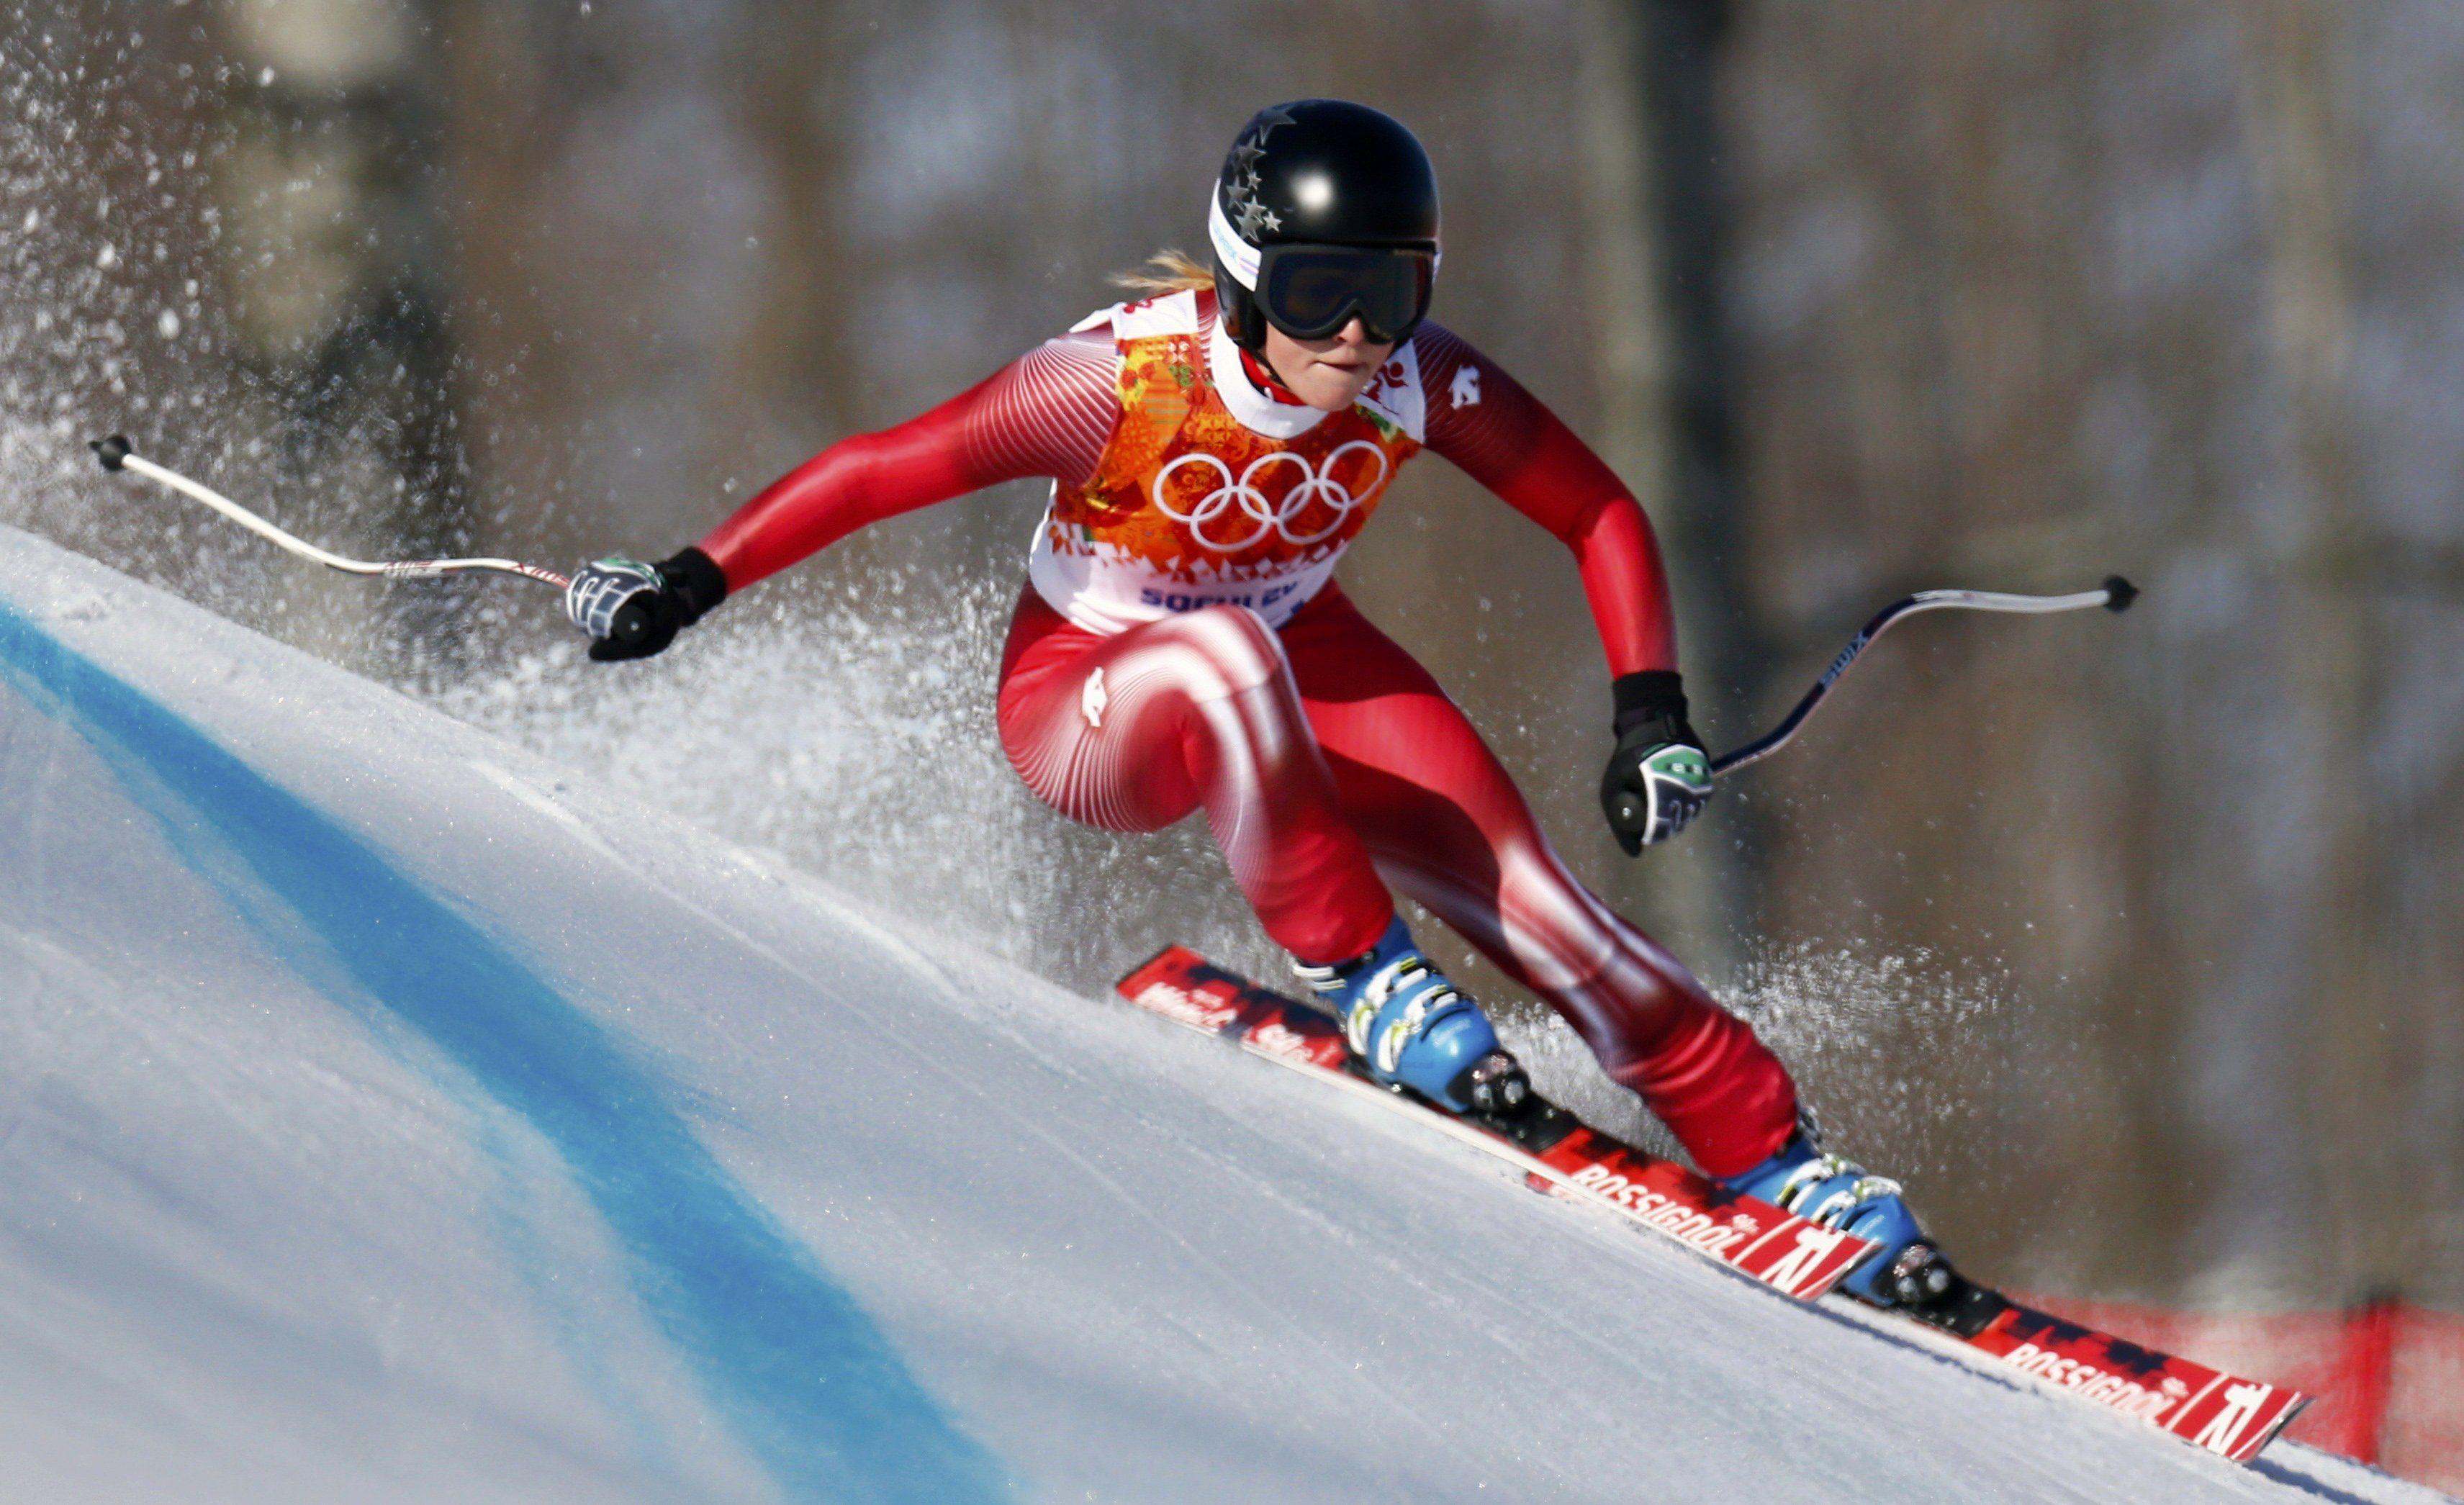 Capricorn Winter Sports! Switerland's Lara Gut skiing!